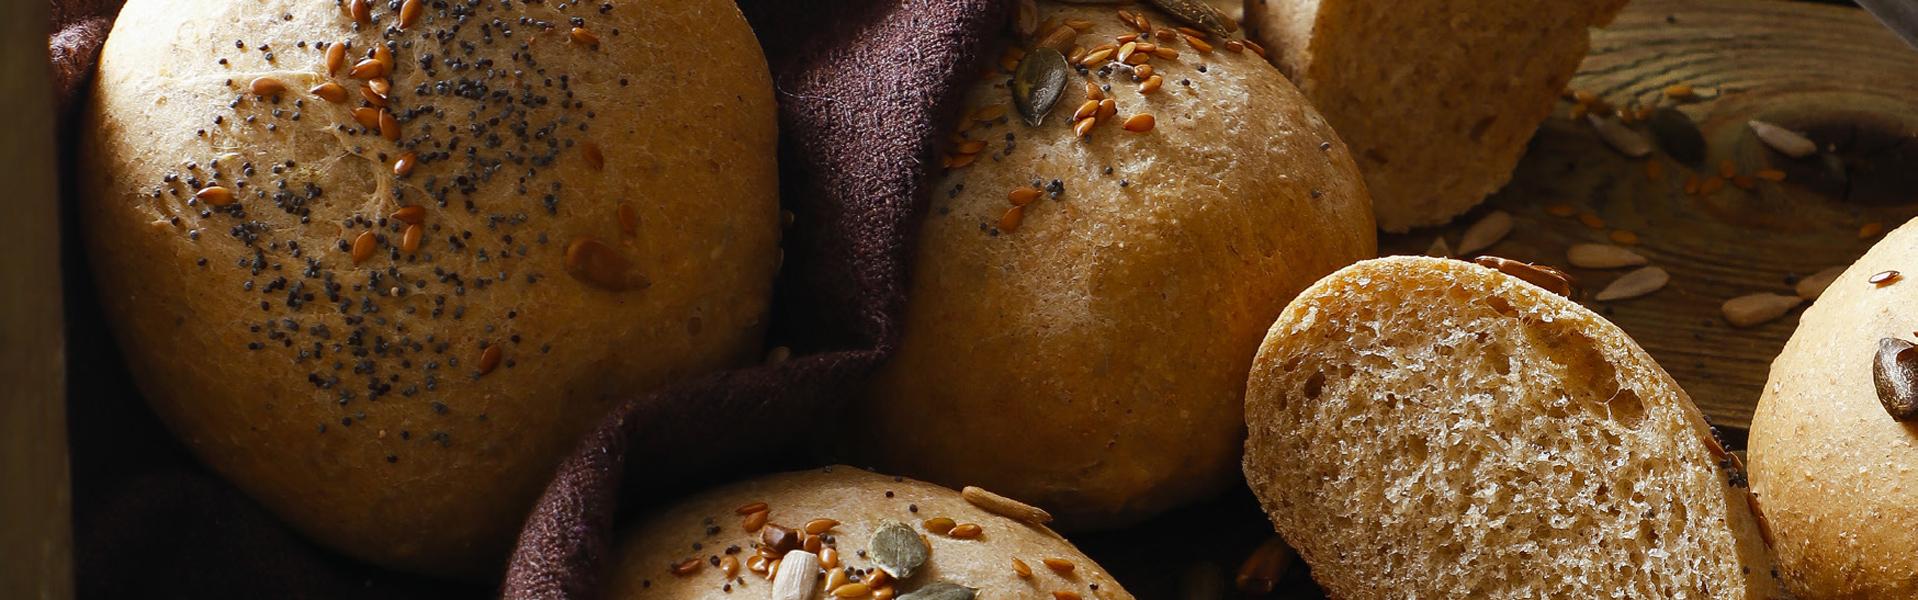 4 grain bread rolls